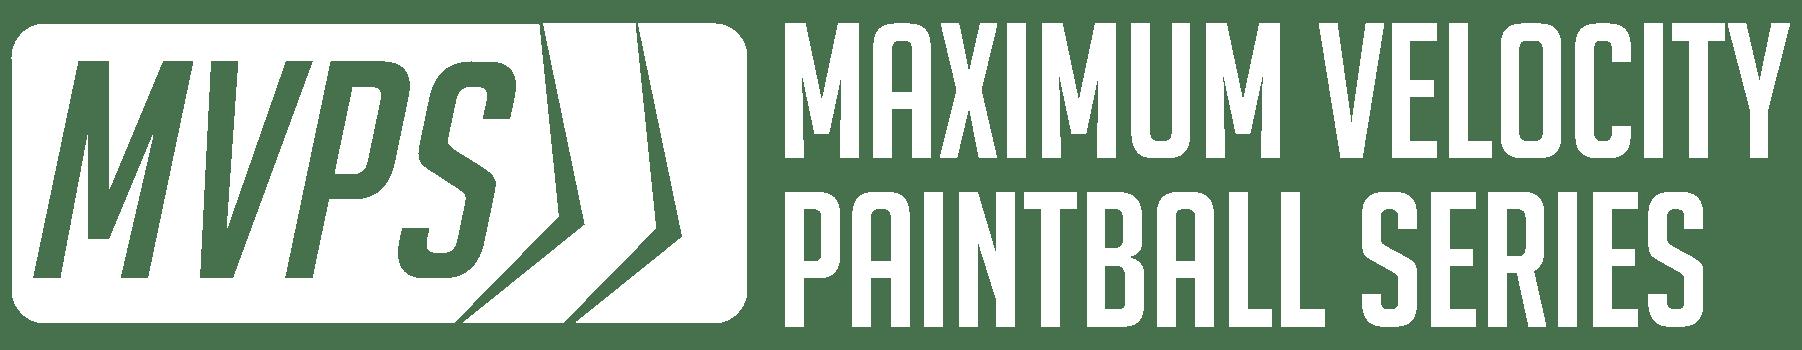 Maximum Velocity Paintball Series: MVPS